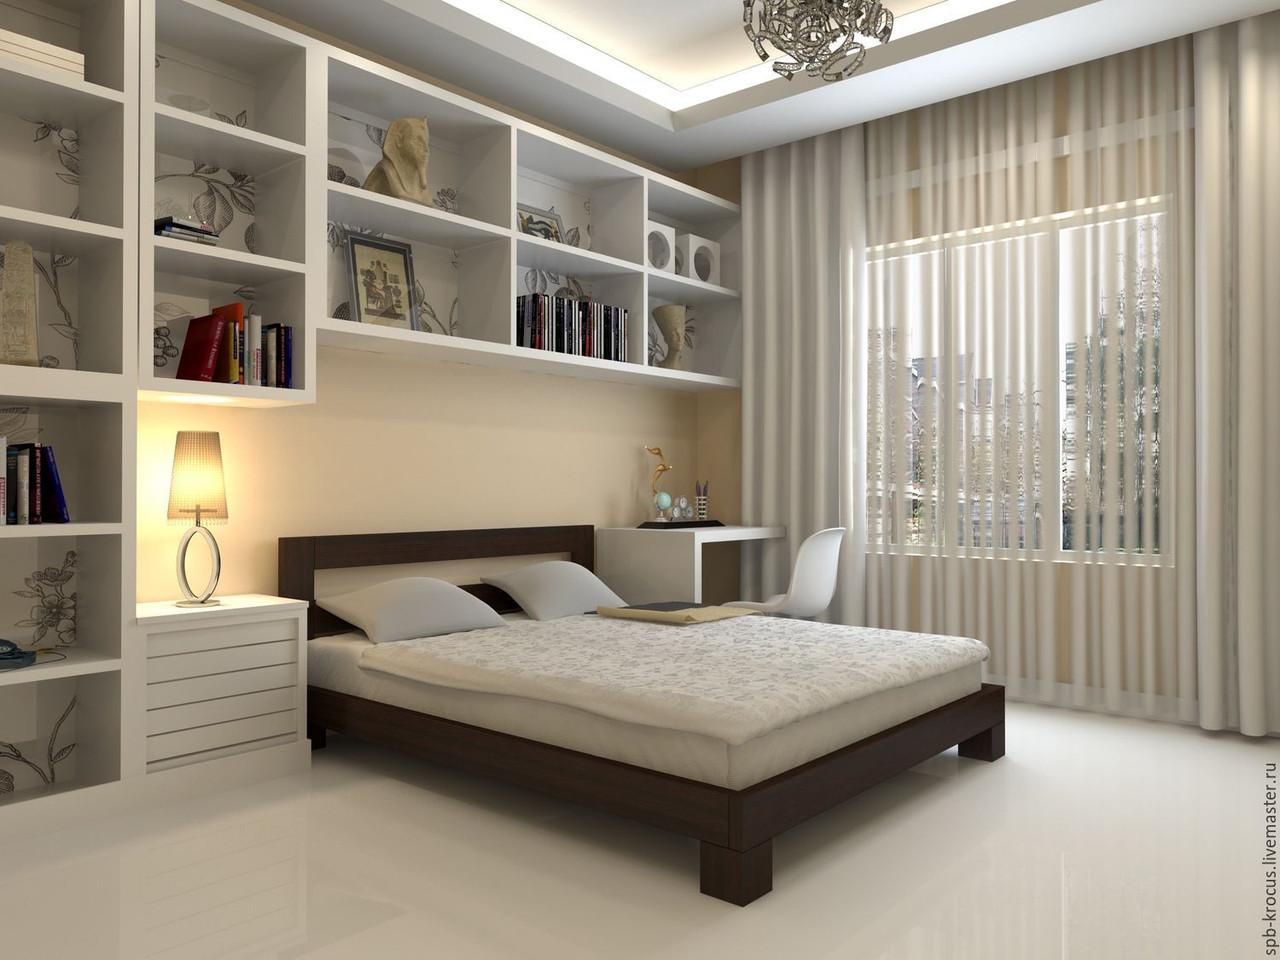 Кровать двуспальная деревянная   Star (Стар) Микс мебель160х200, цвет венге